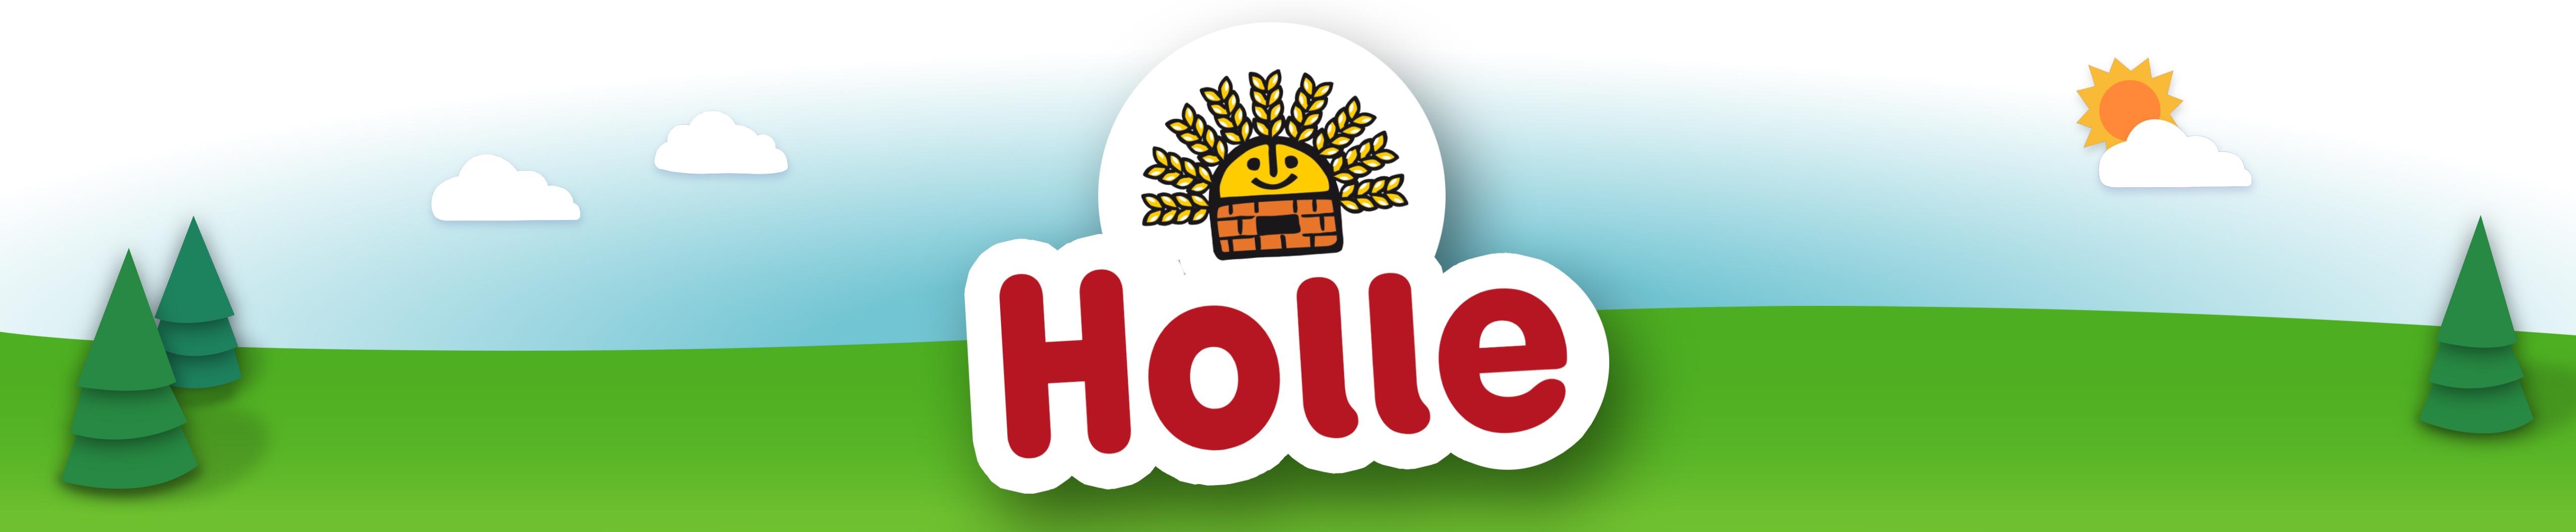 holle_header